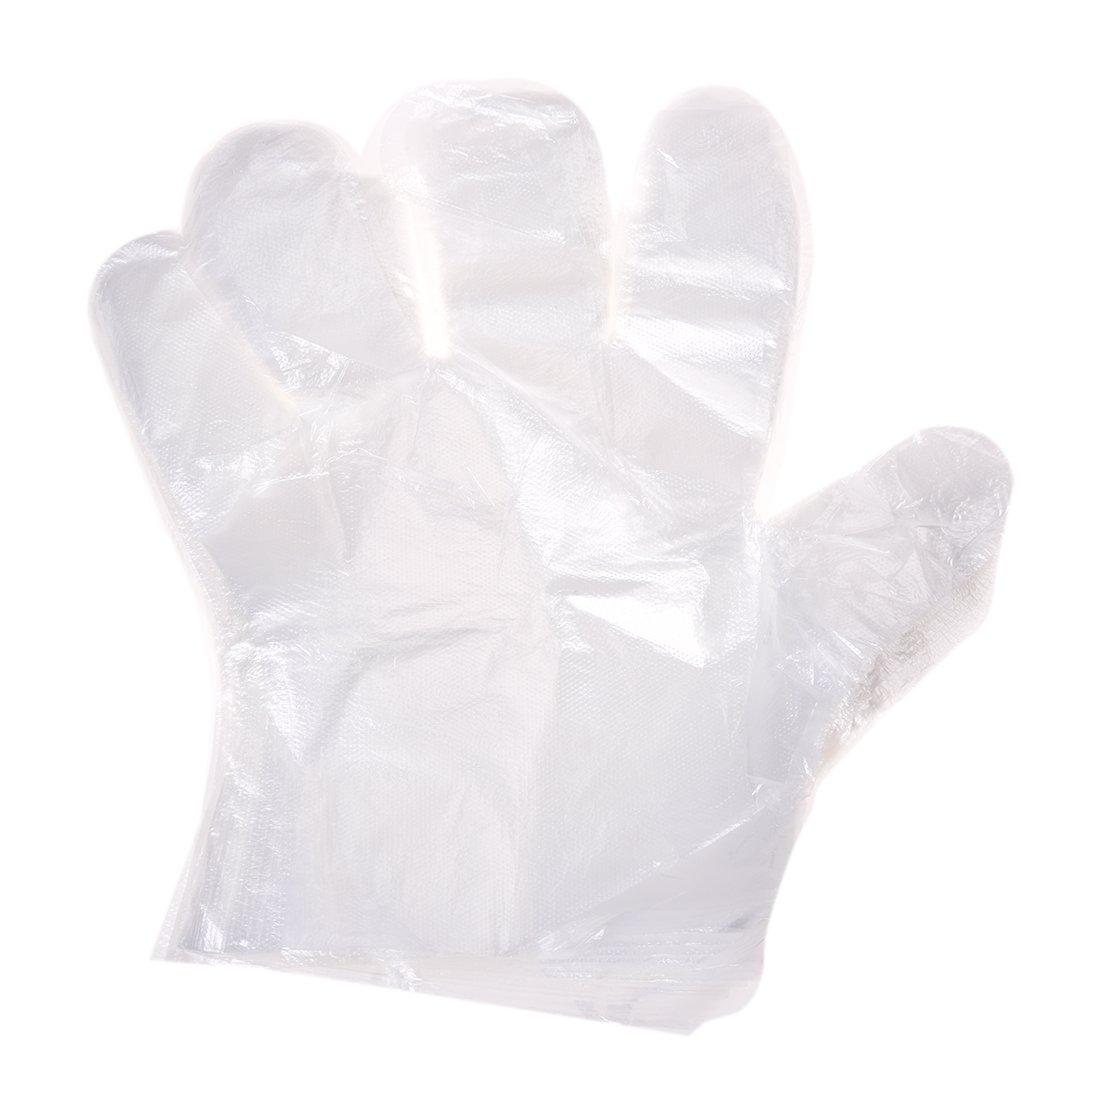 SODIAL(R) 50 Paire Cuisine Service Main Protection Plastique Gants Jetables Claires AEQW-WER-AW128196